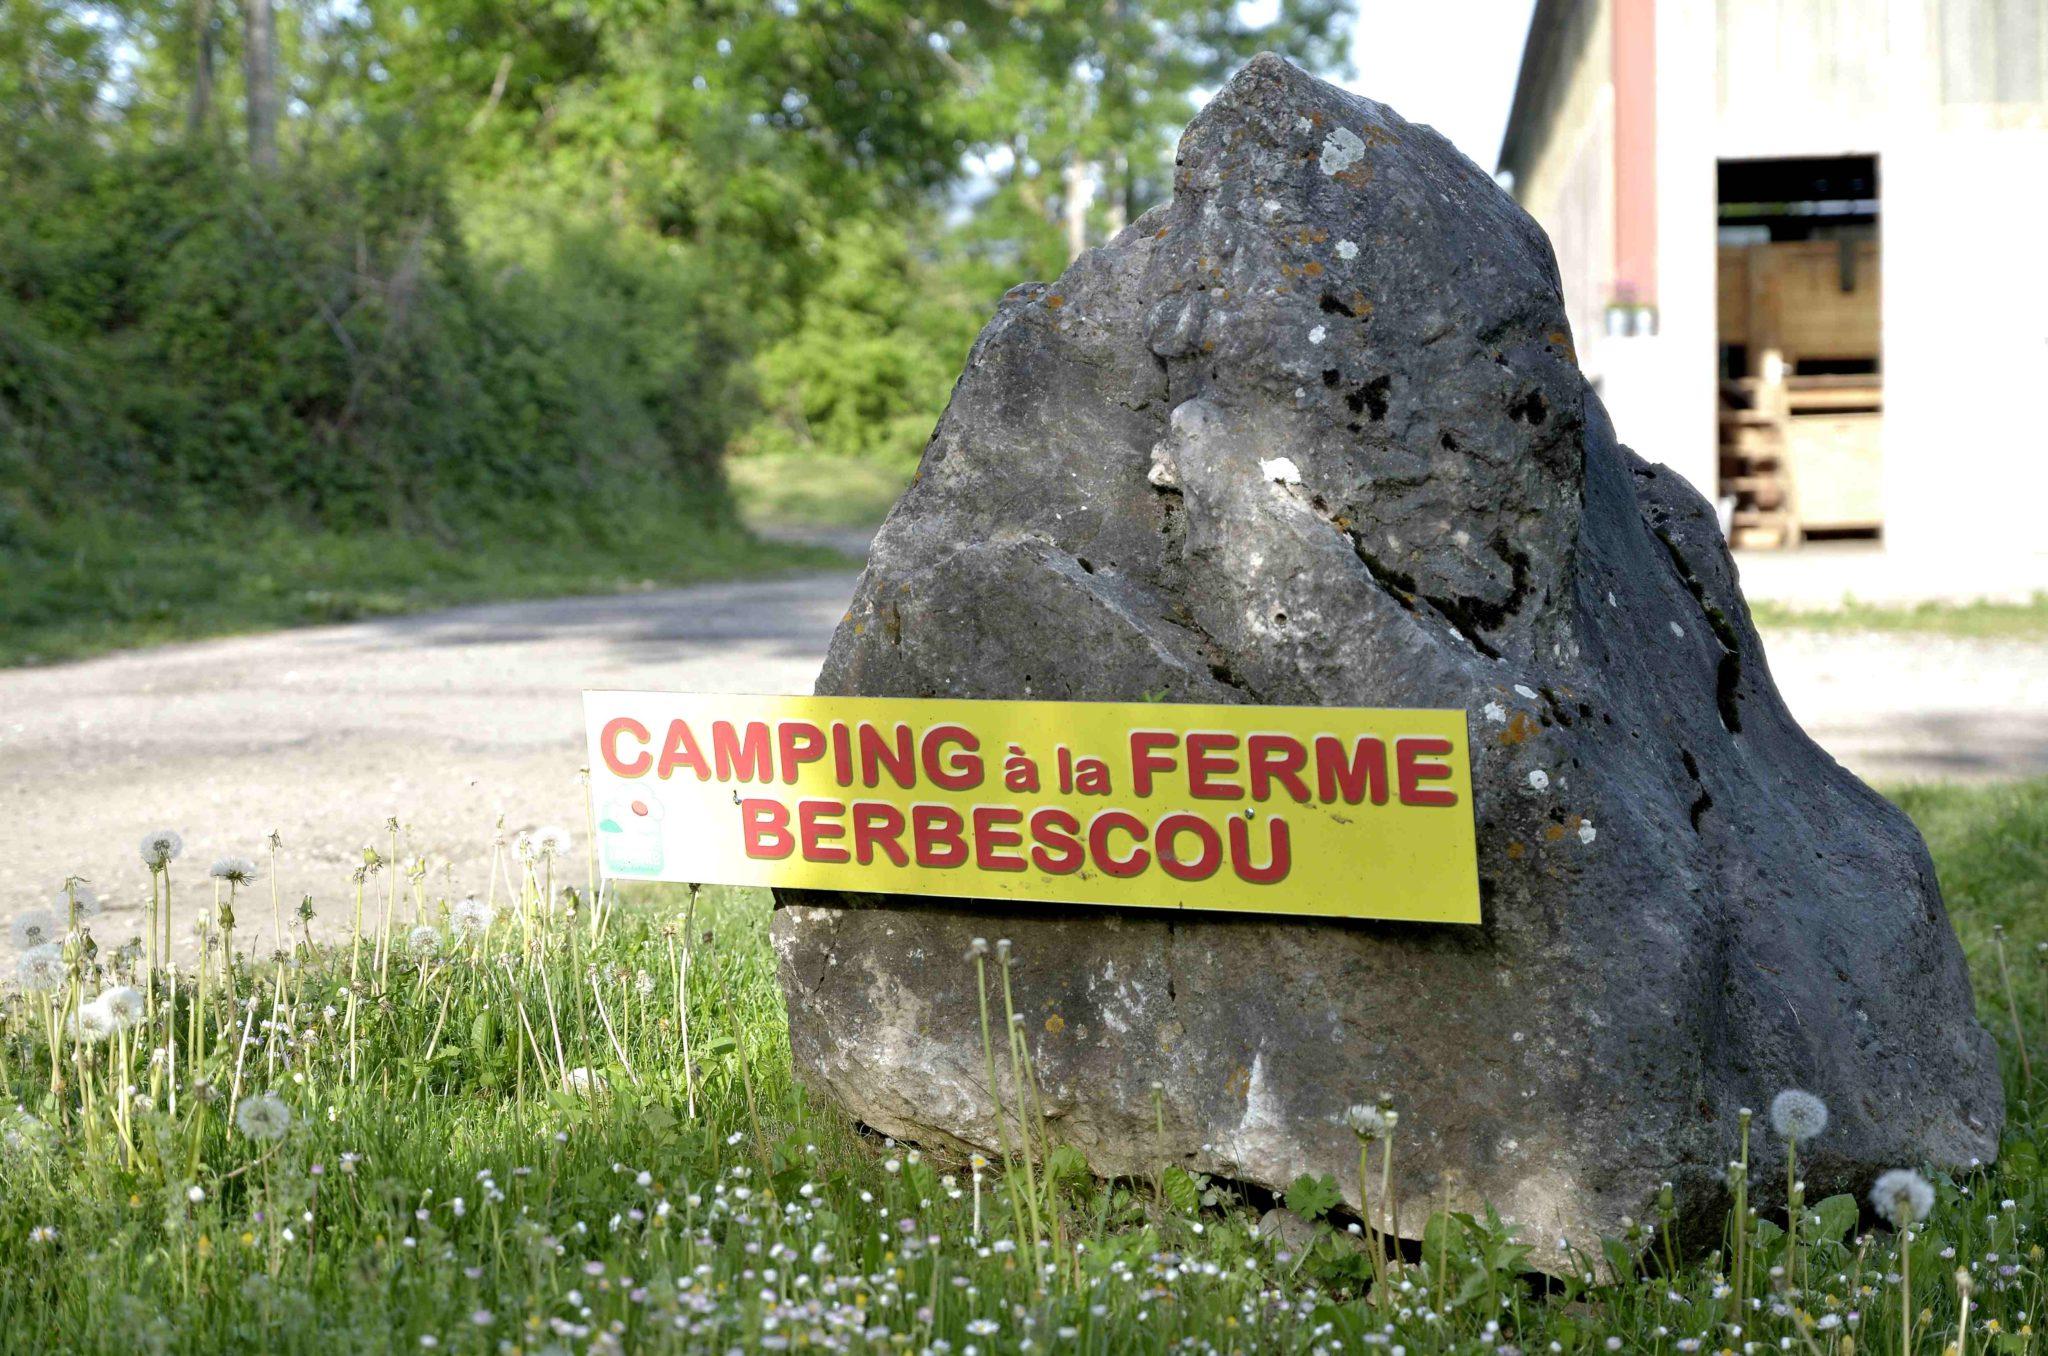 accueil camping à la ferme berbescou ariège pyrénées